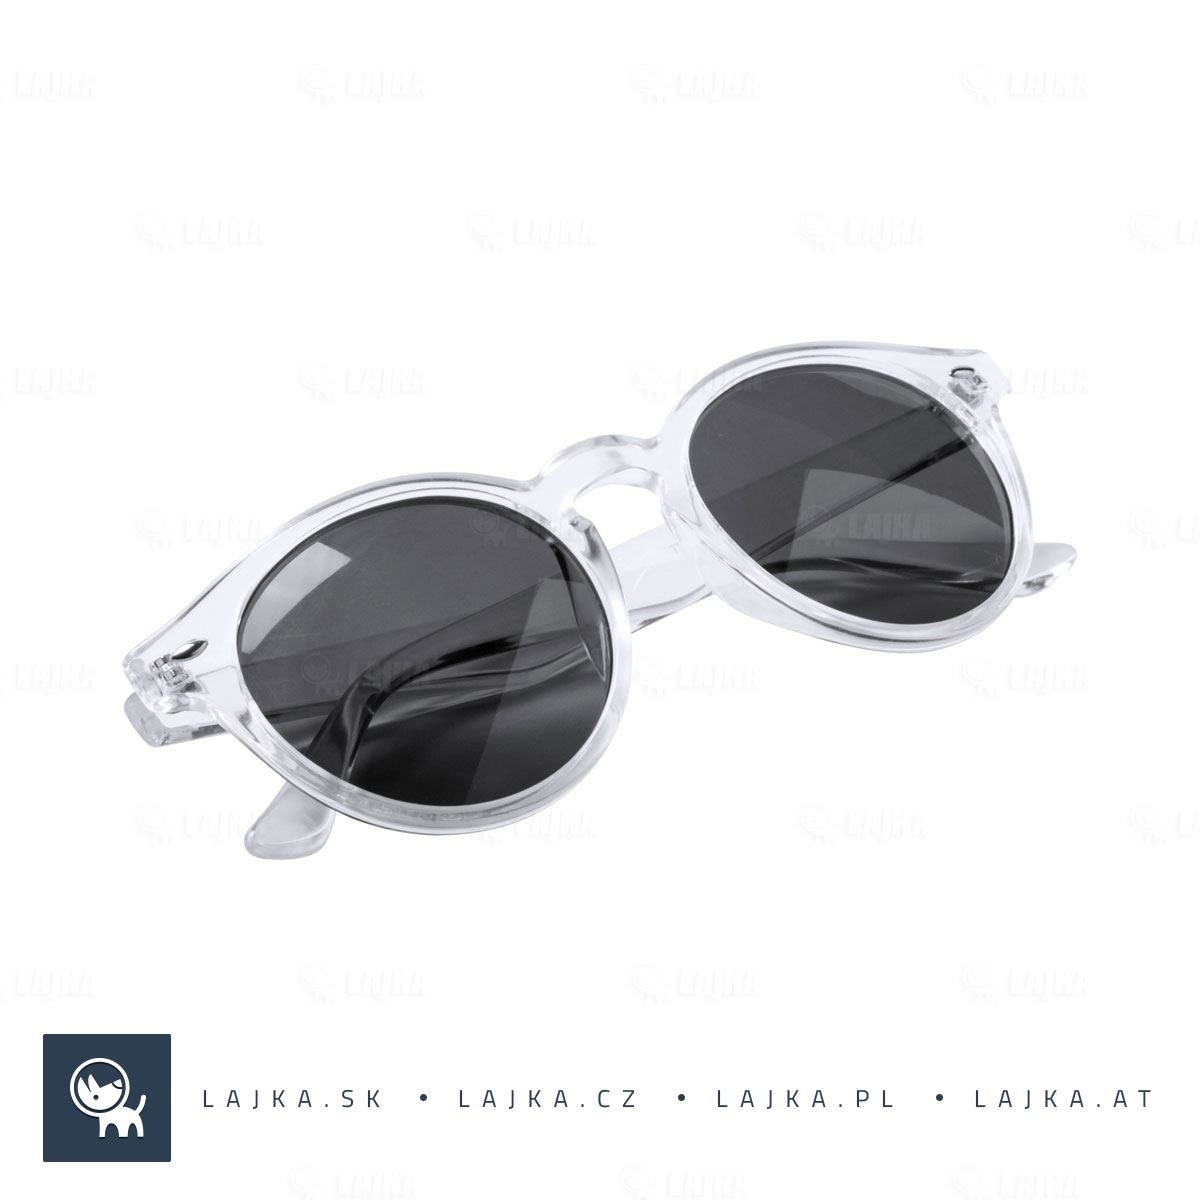 24a20c281 Slnečné okuliare Nixtu, biela | Reklamné Predmety